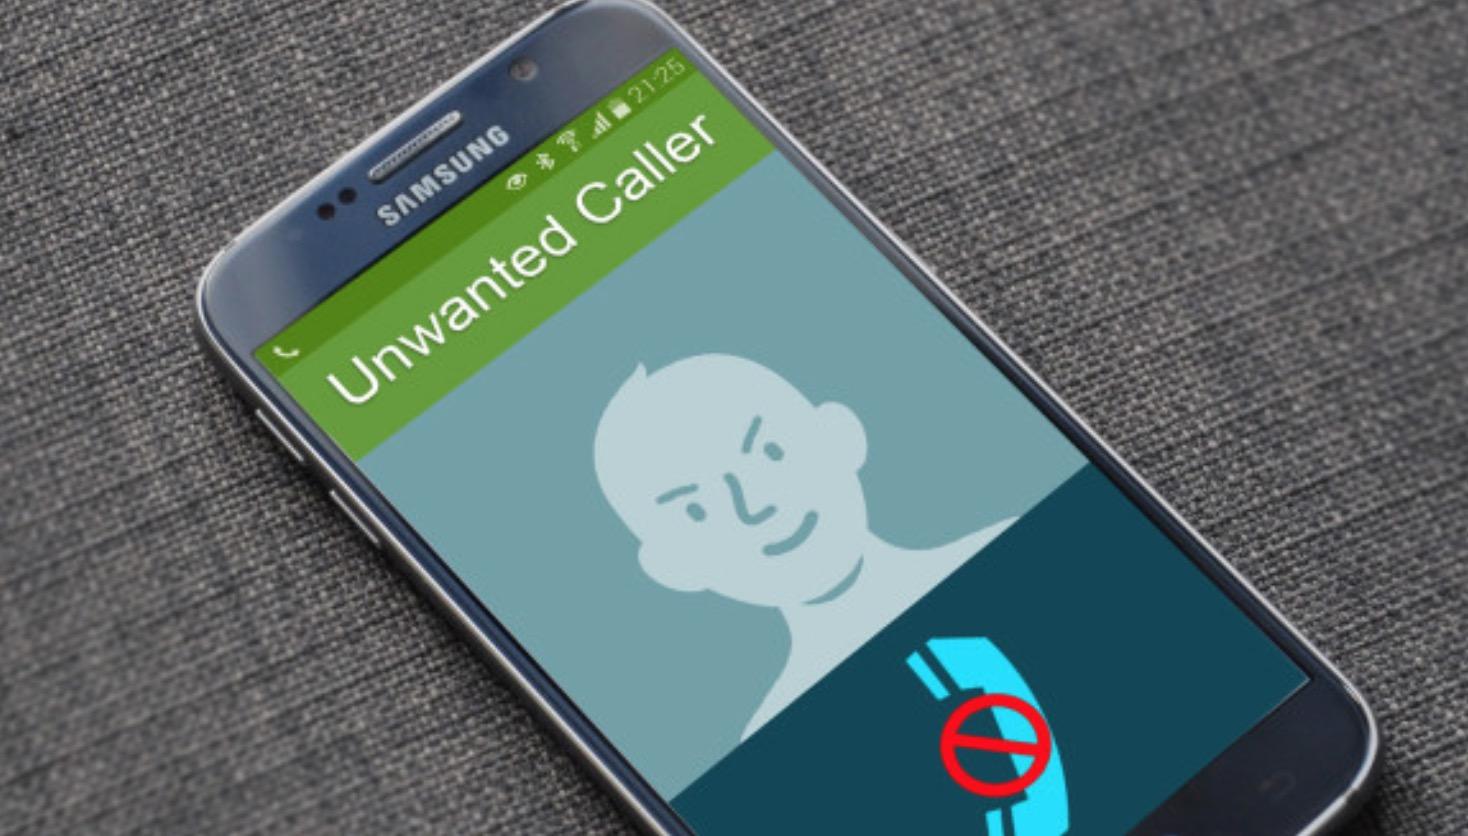 Bloccare numeri indesiderati Android